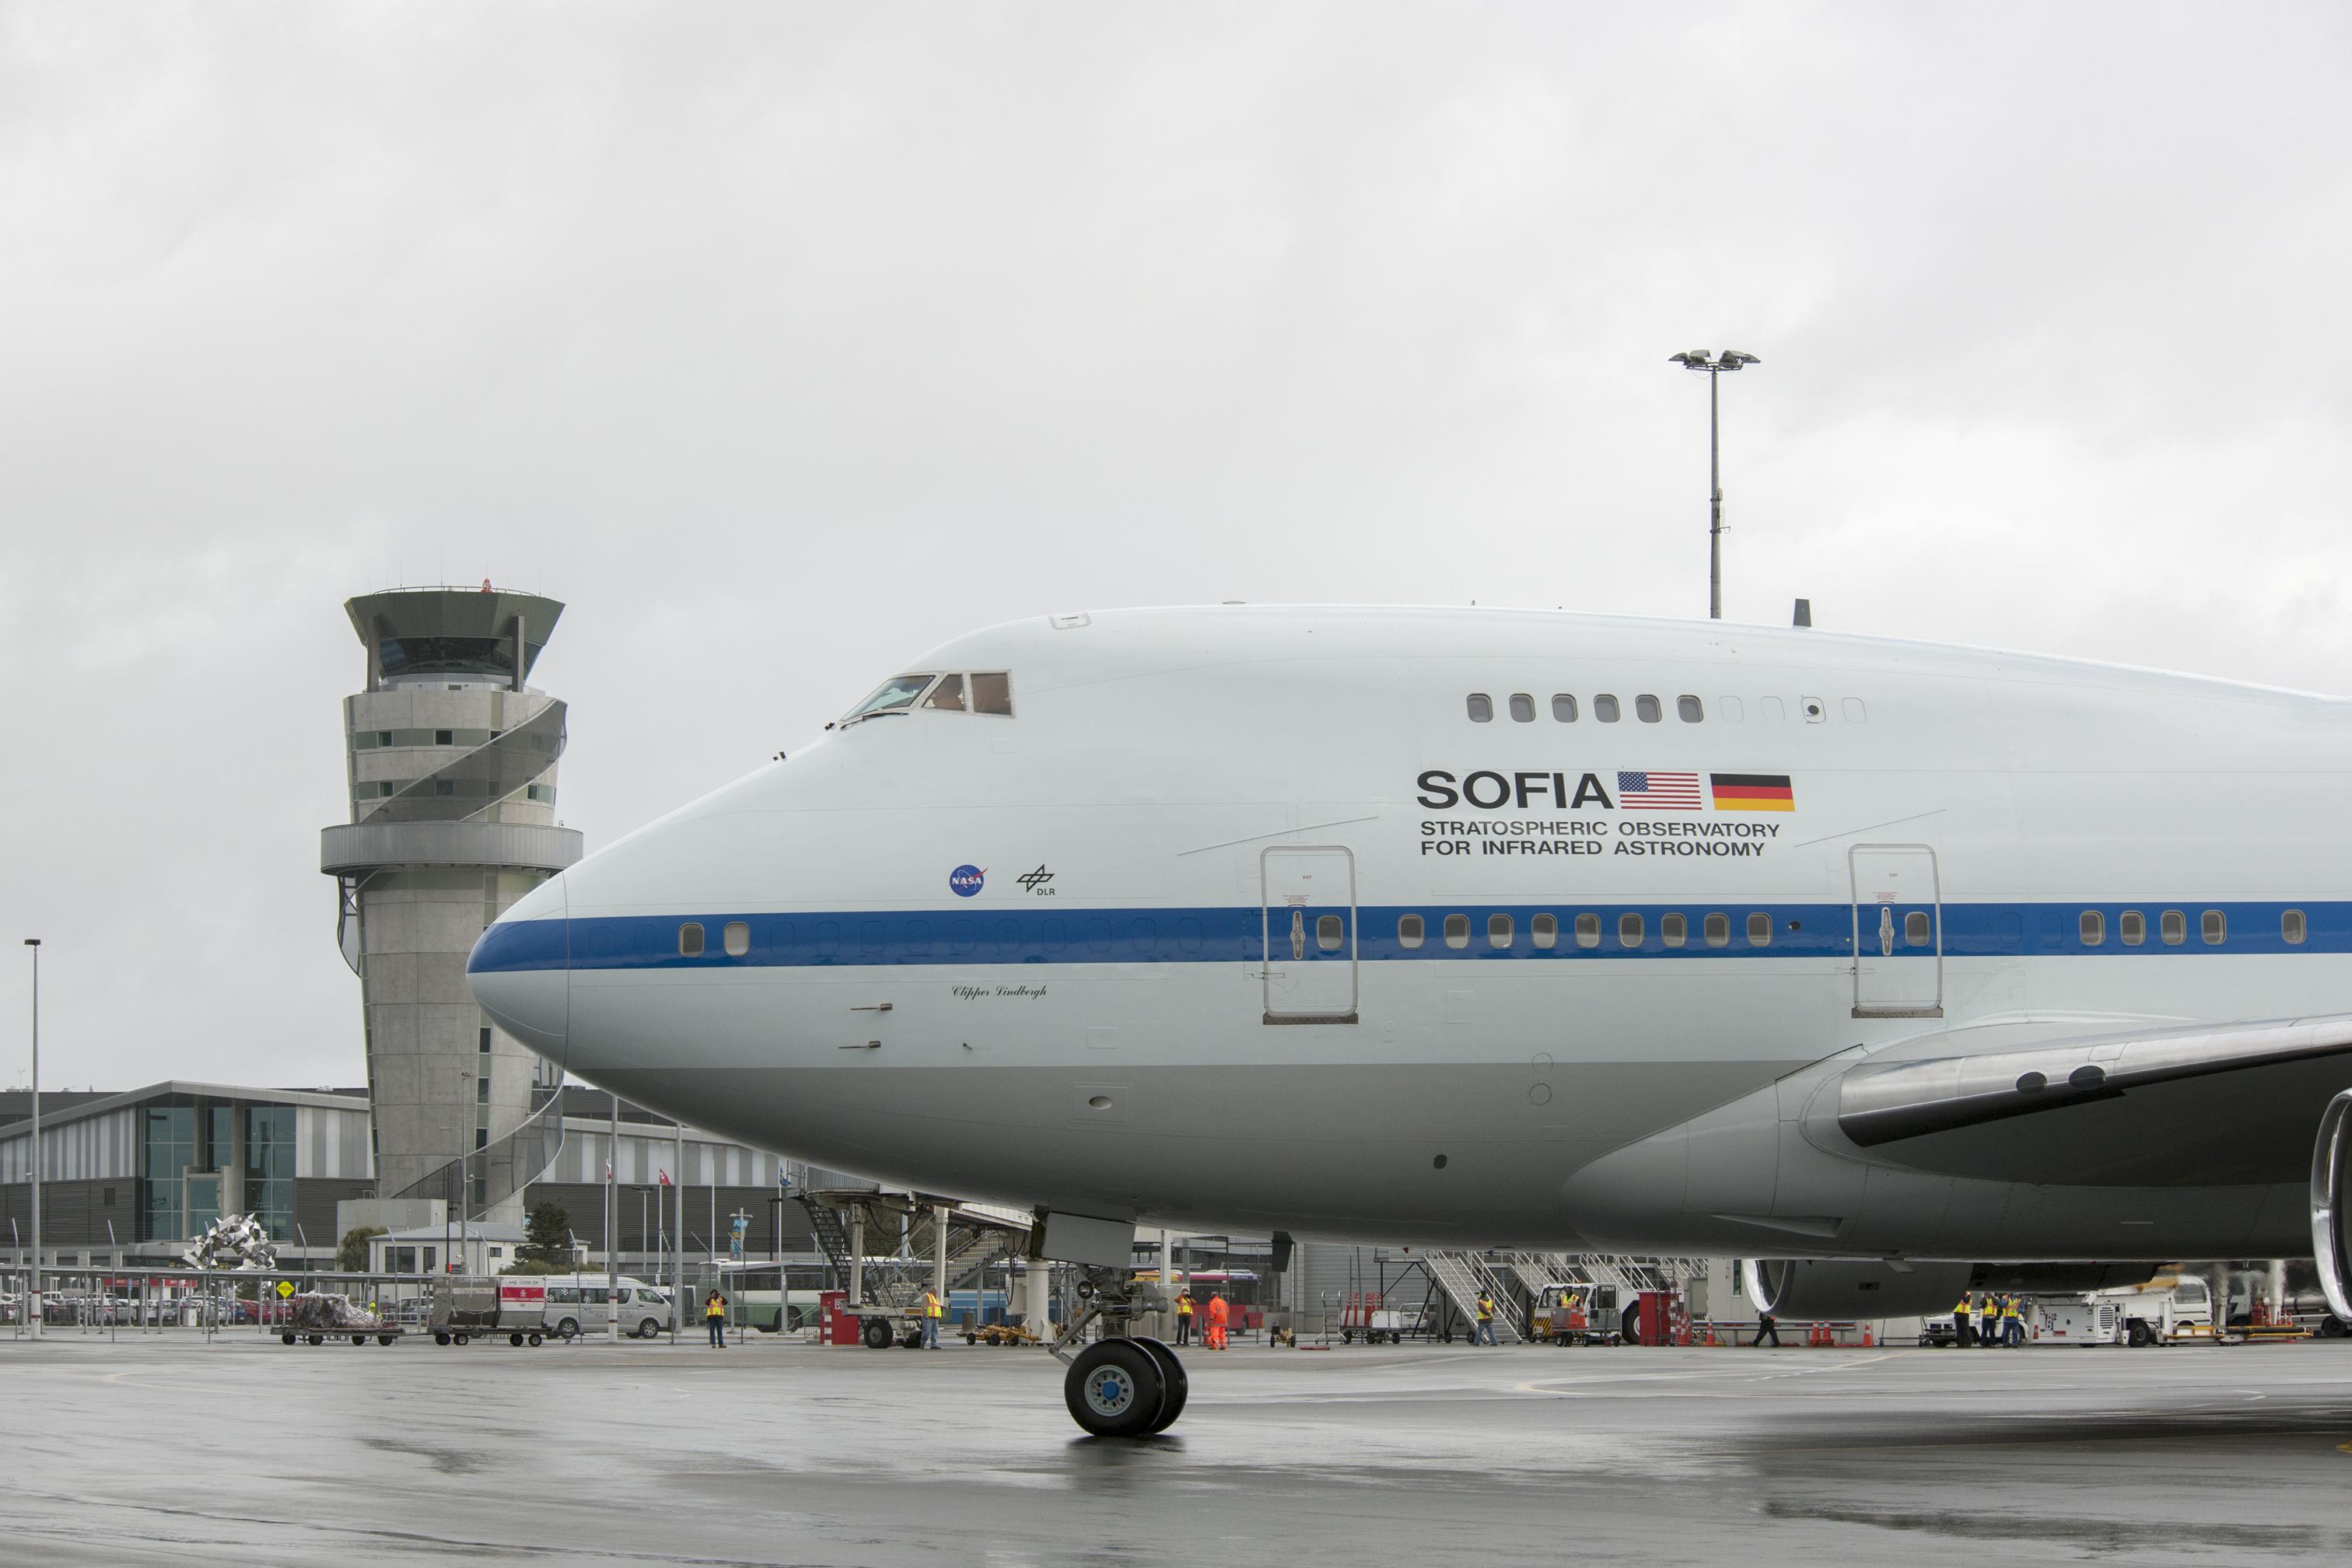 SOFIA 747SP Taxis